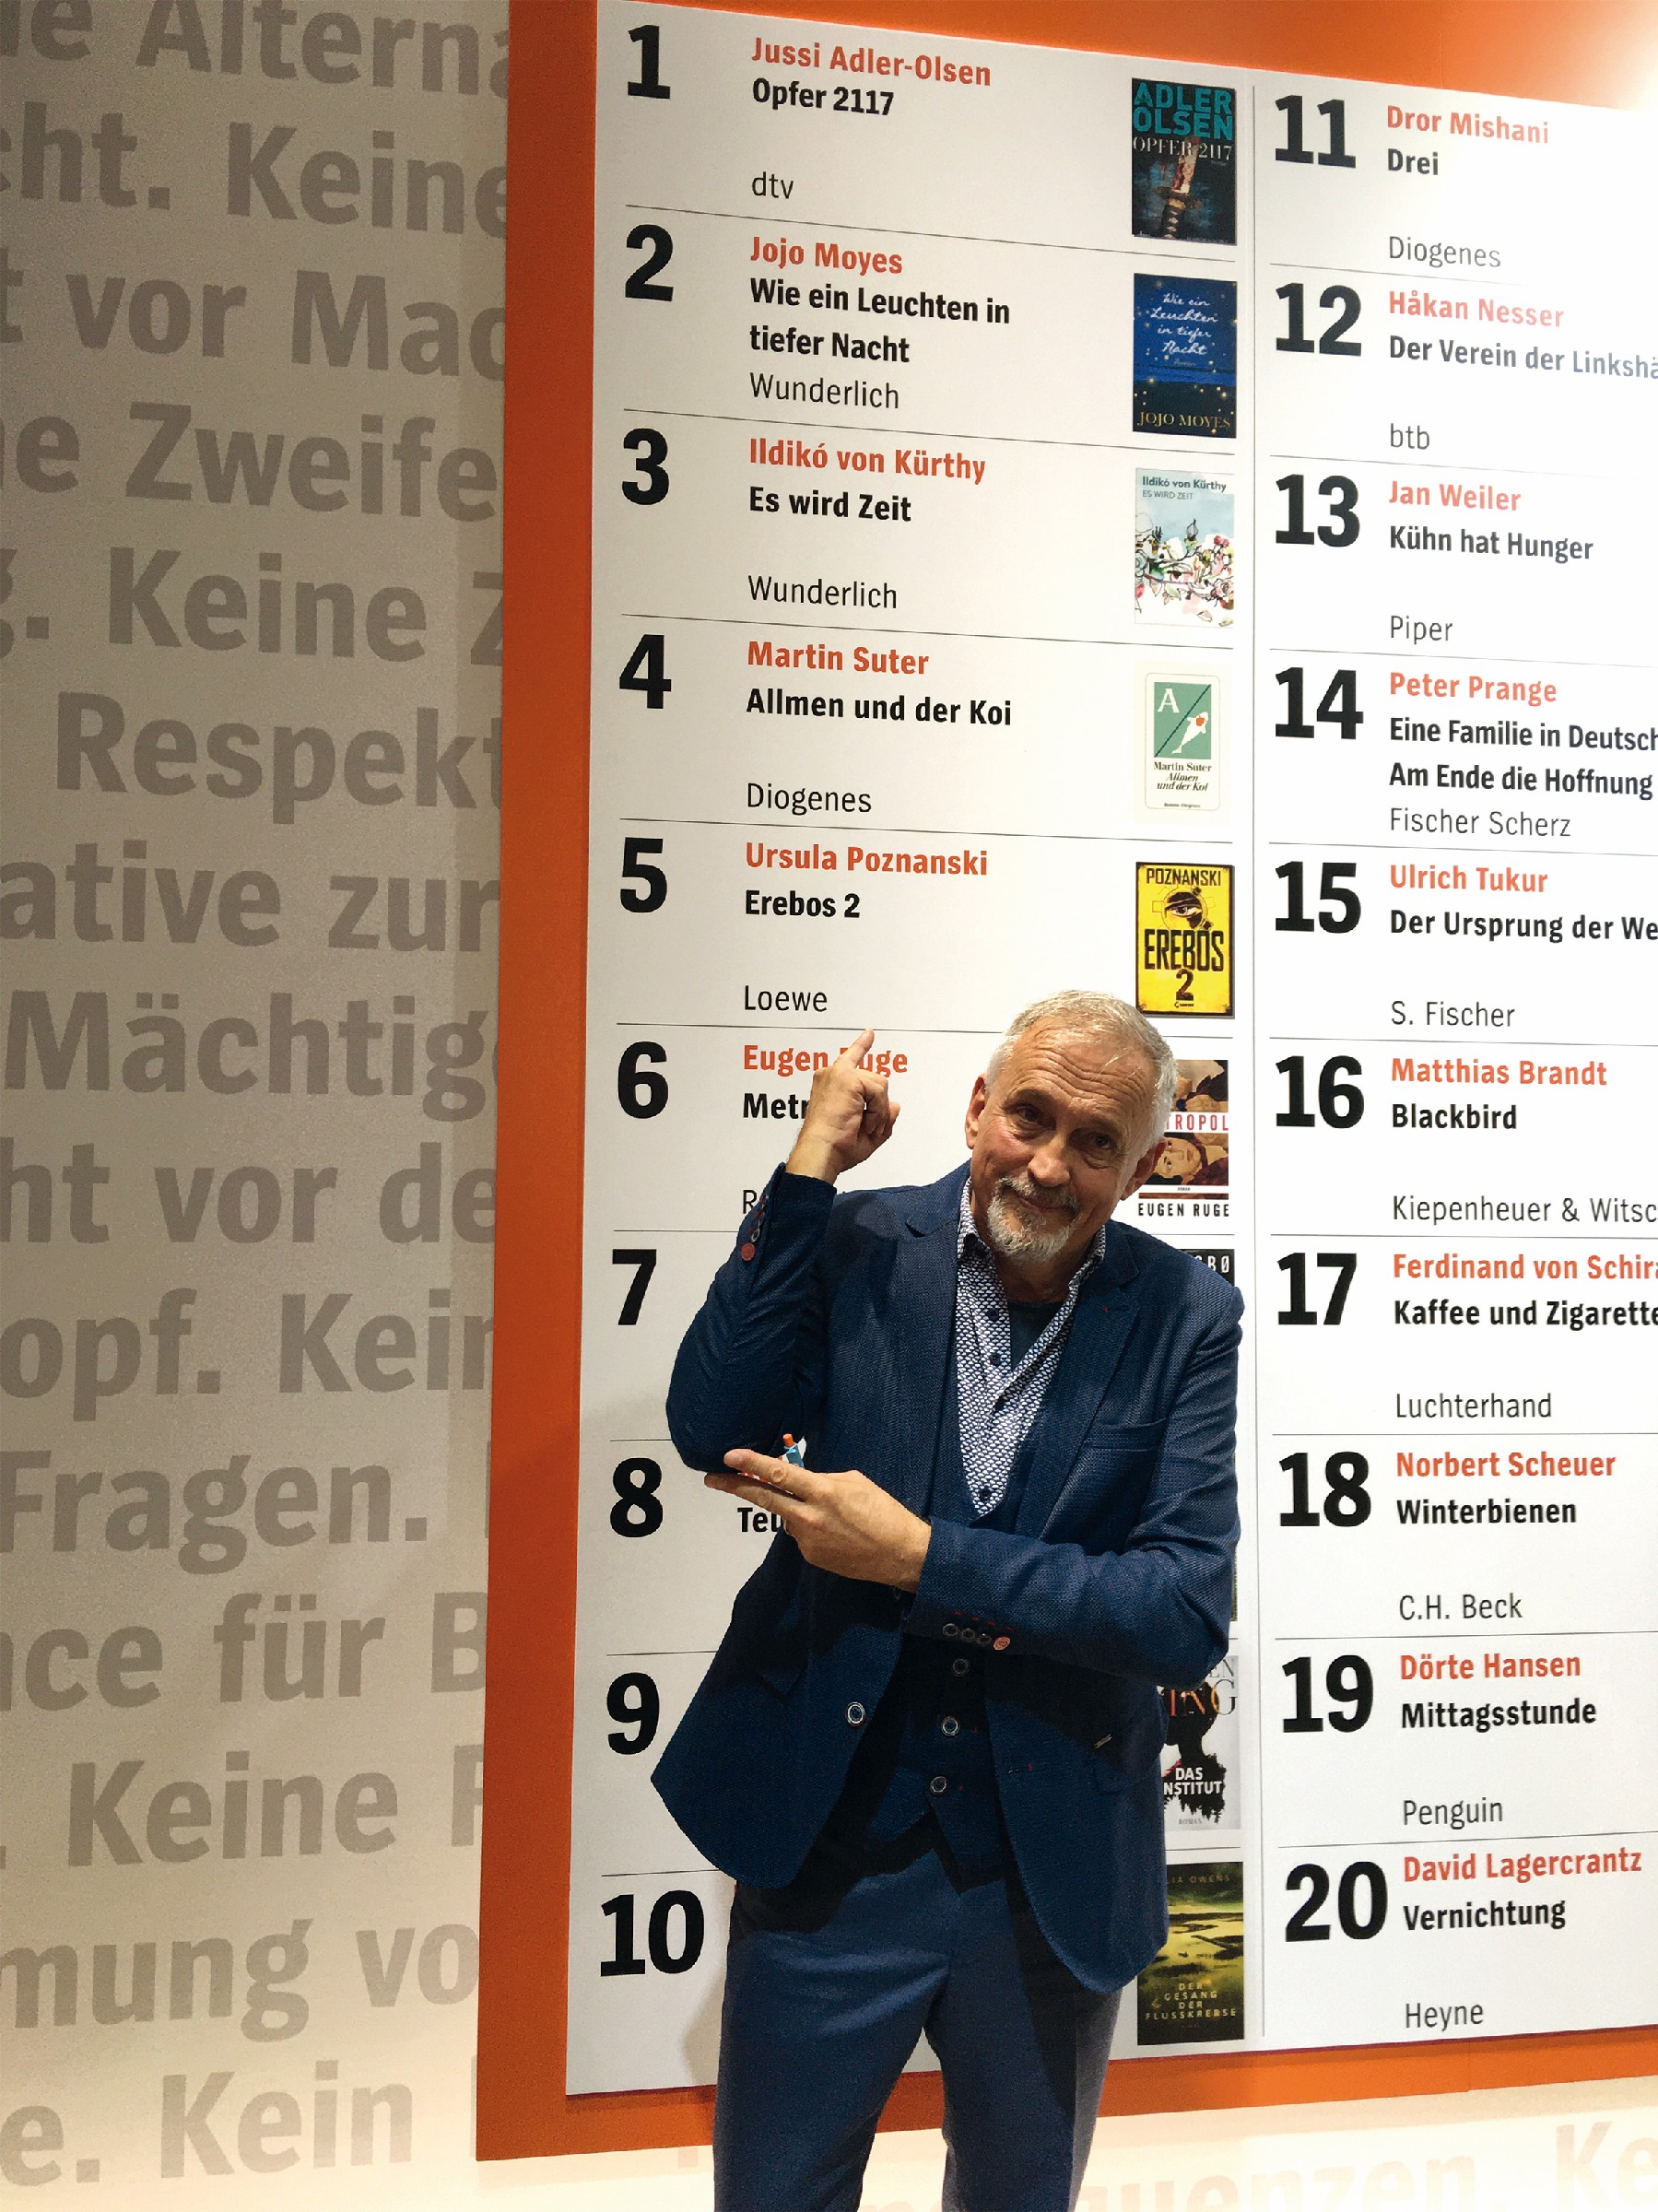 Bestseller: dtv-Autor Jussi Adler-Olsen stand in der Buchmesse-Woche auf Platz 1 der Bestsellerliste und posierte am SPIEGEL-Stand. (Foto: buchreport/TW)